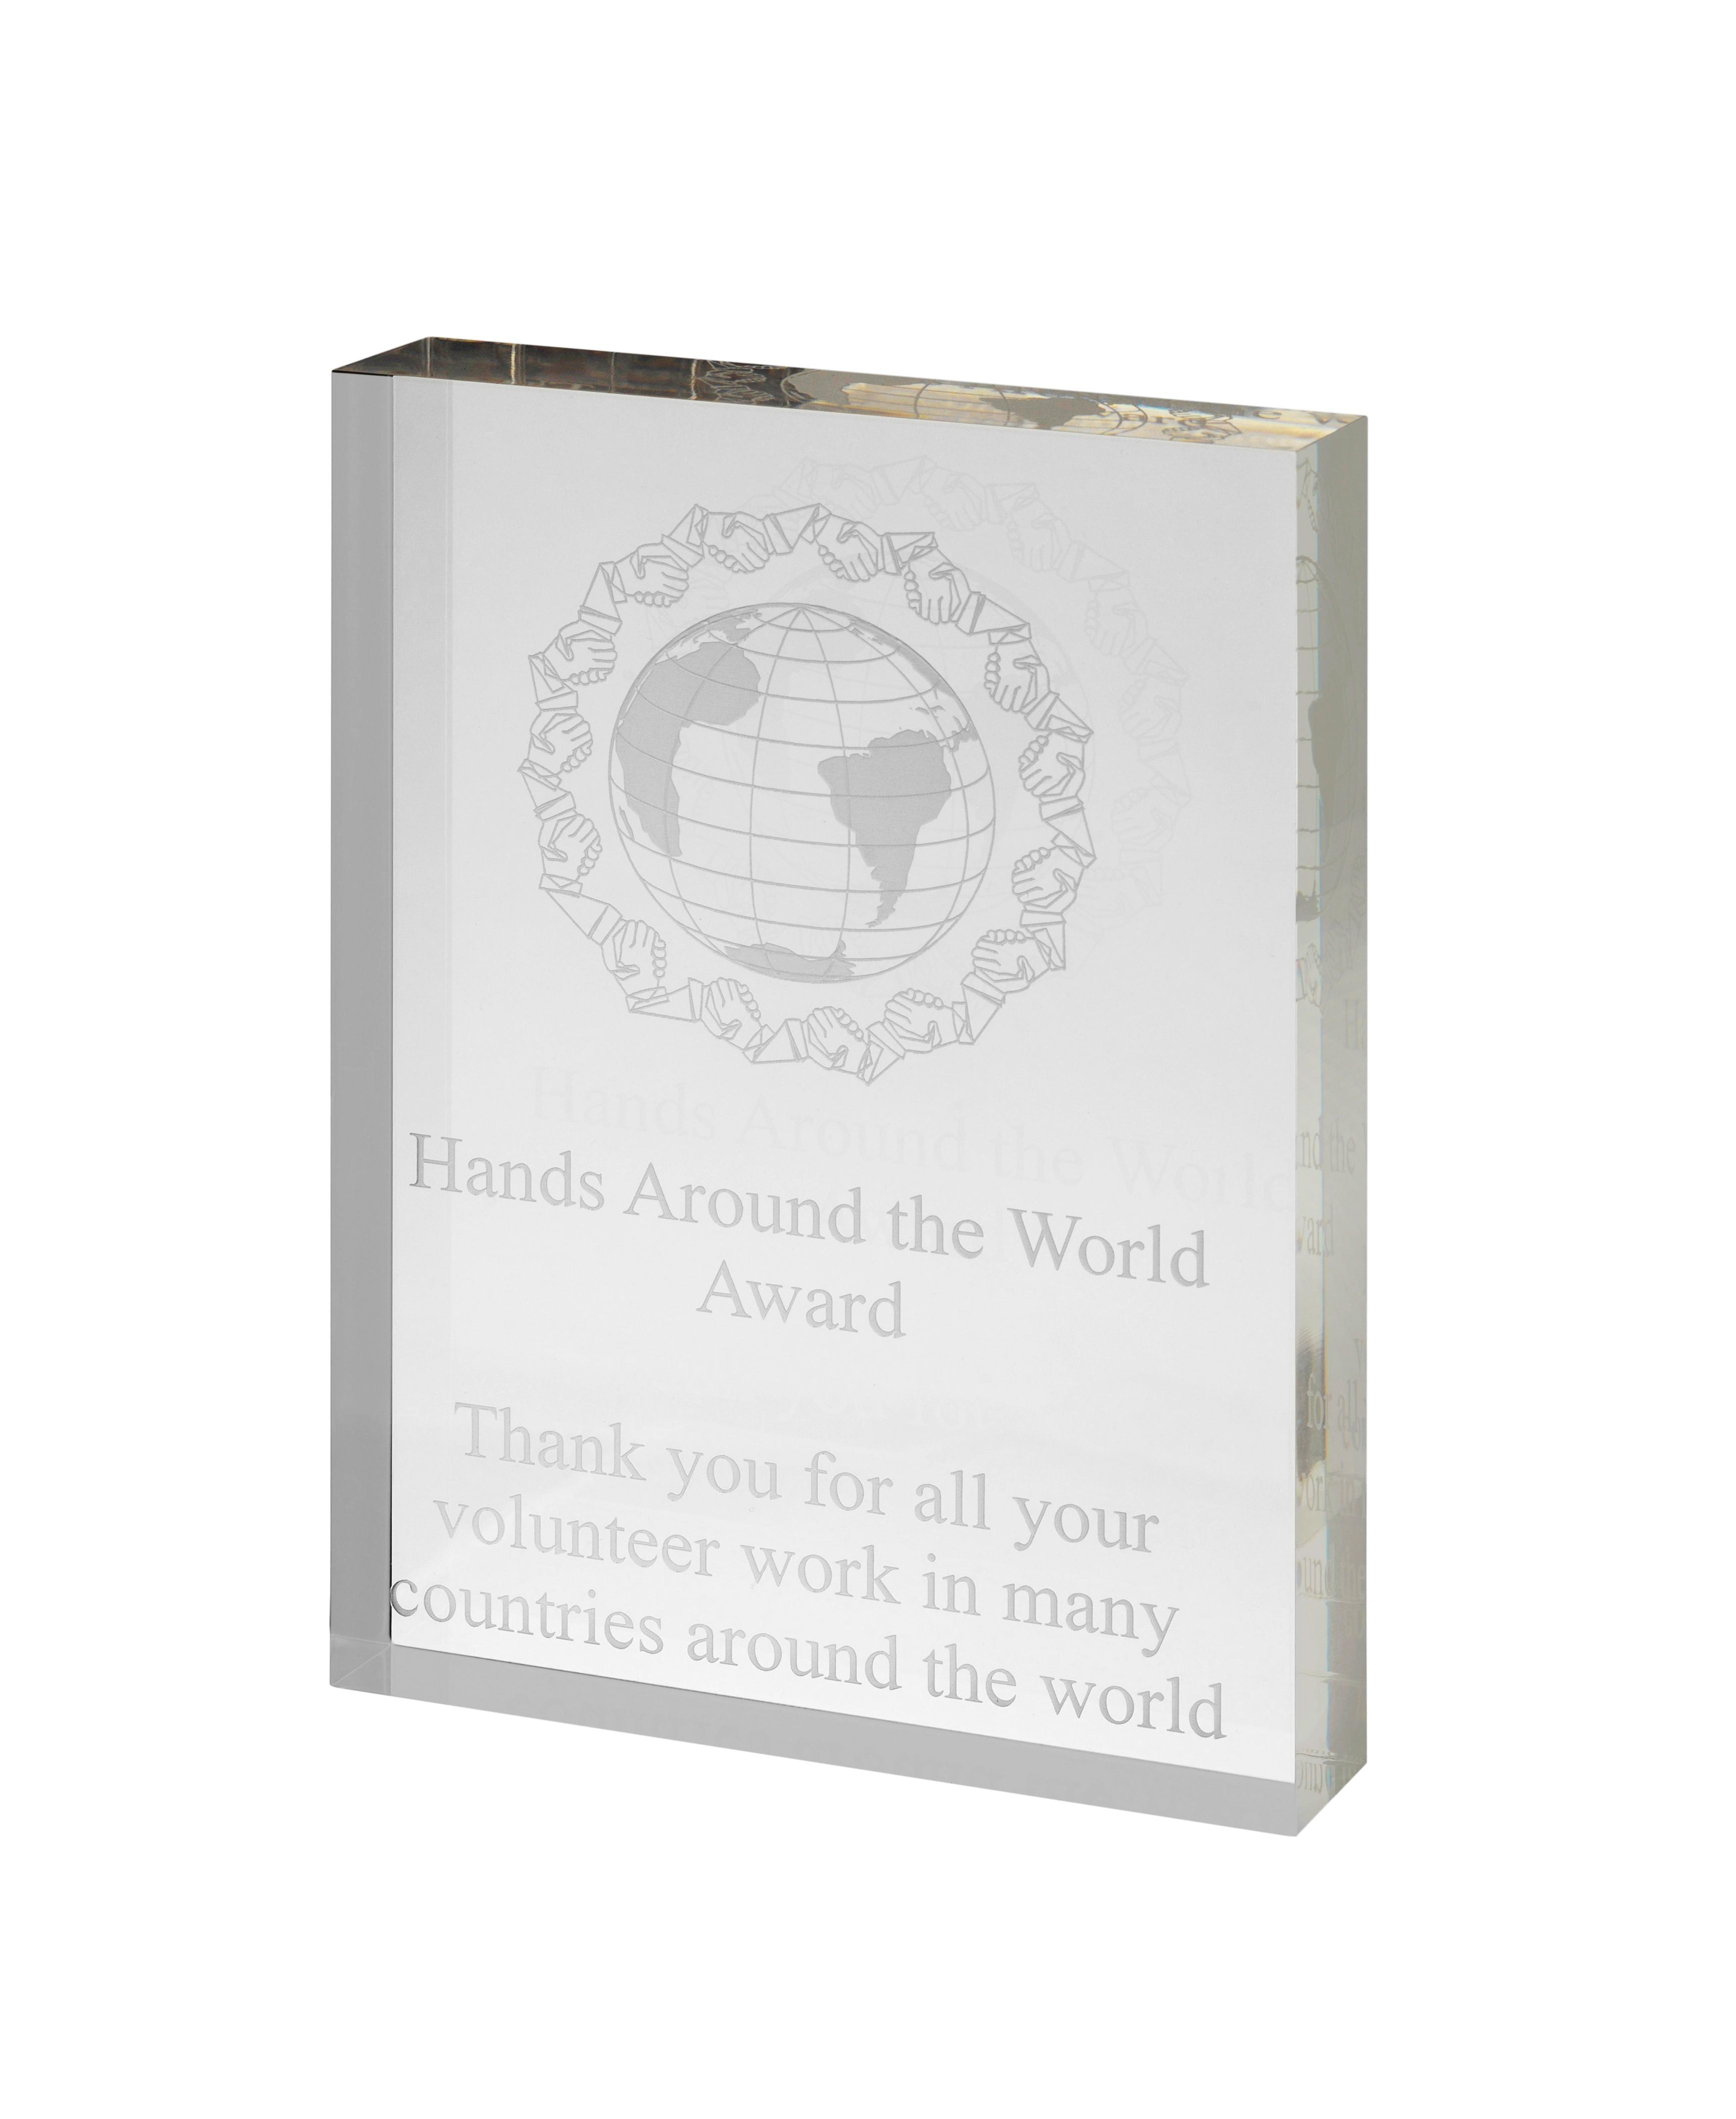 7x5 inch Acrylic Award